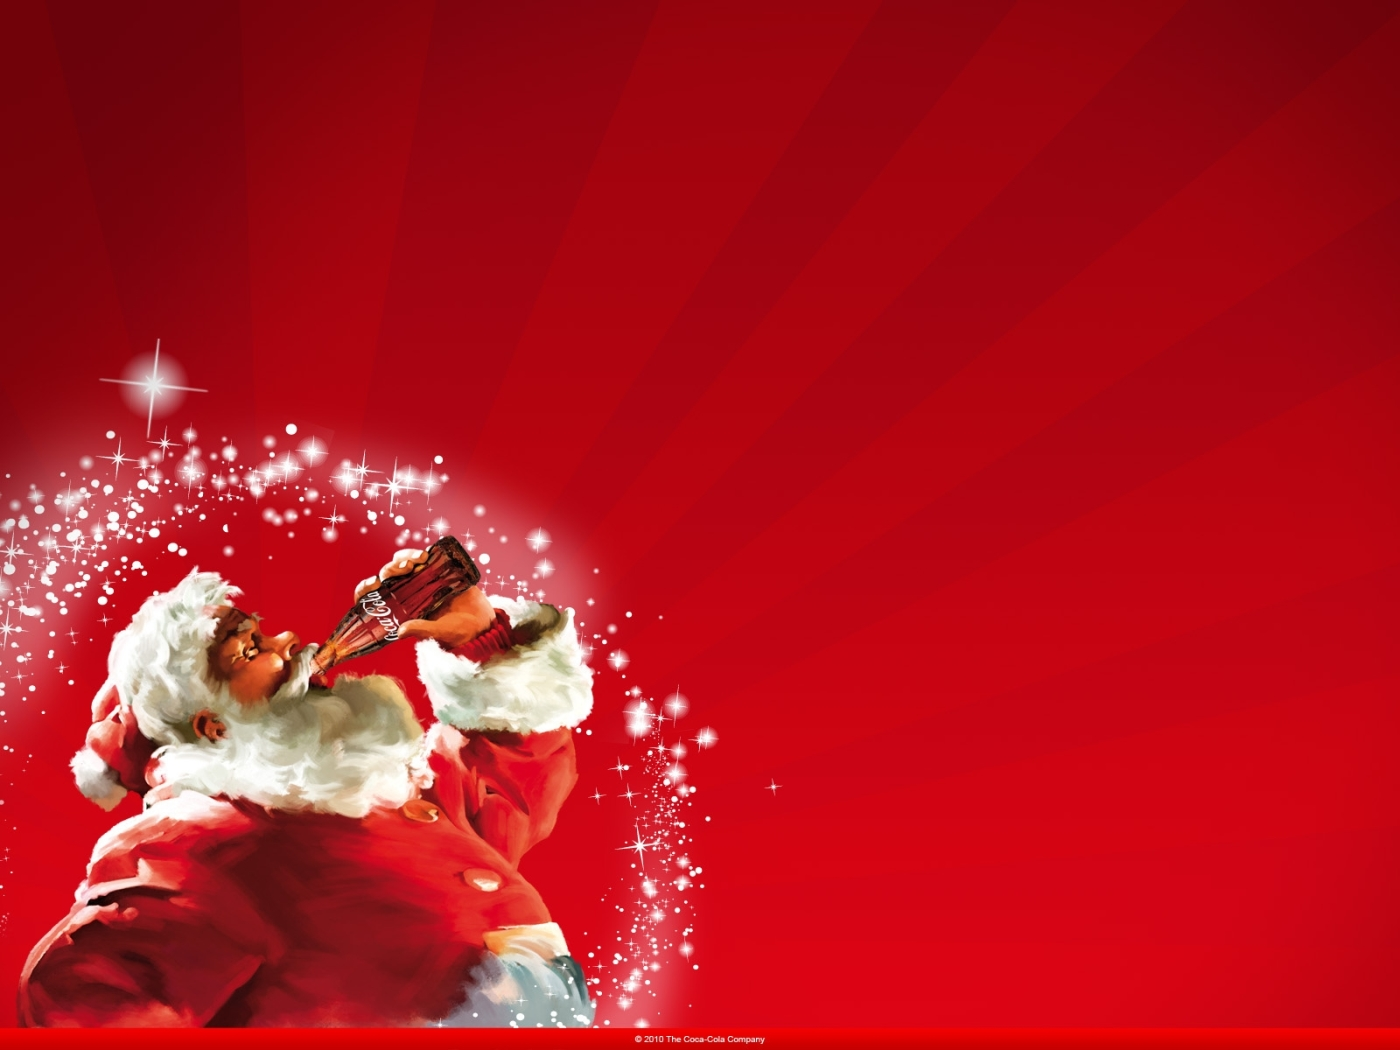 Санта-Клаус без смс